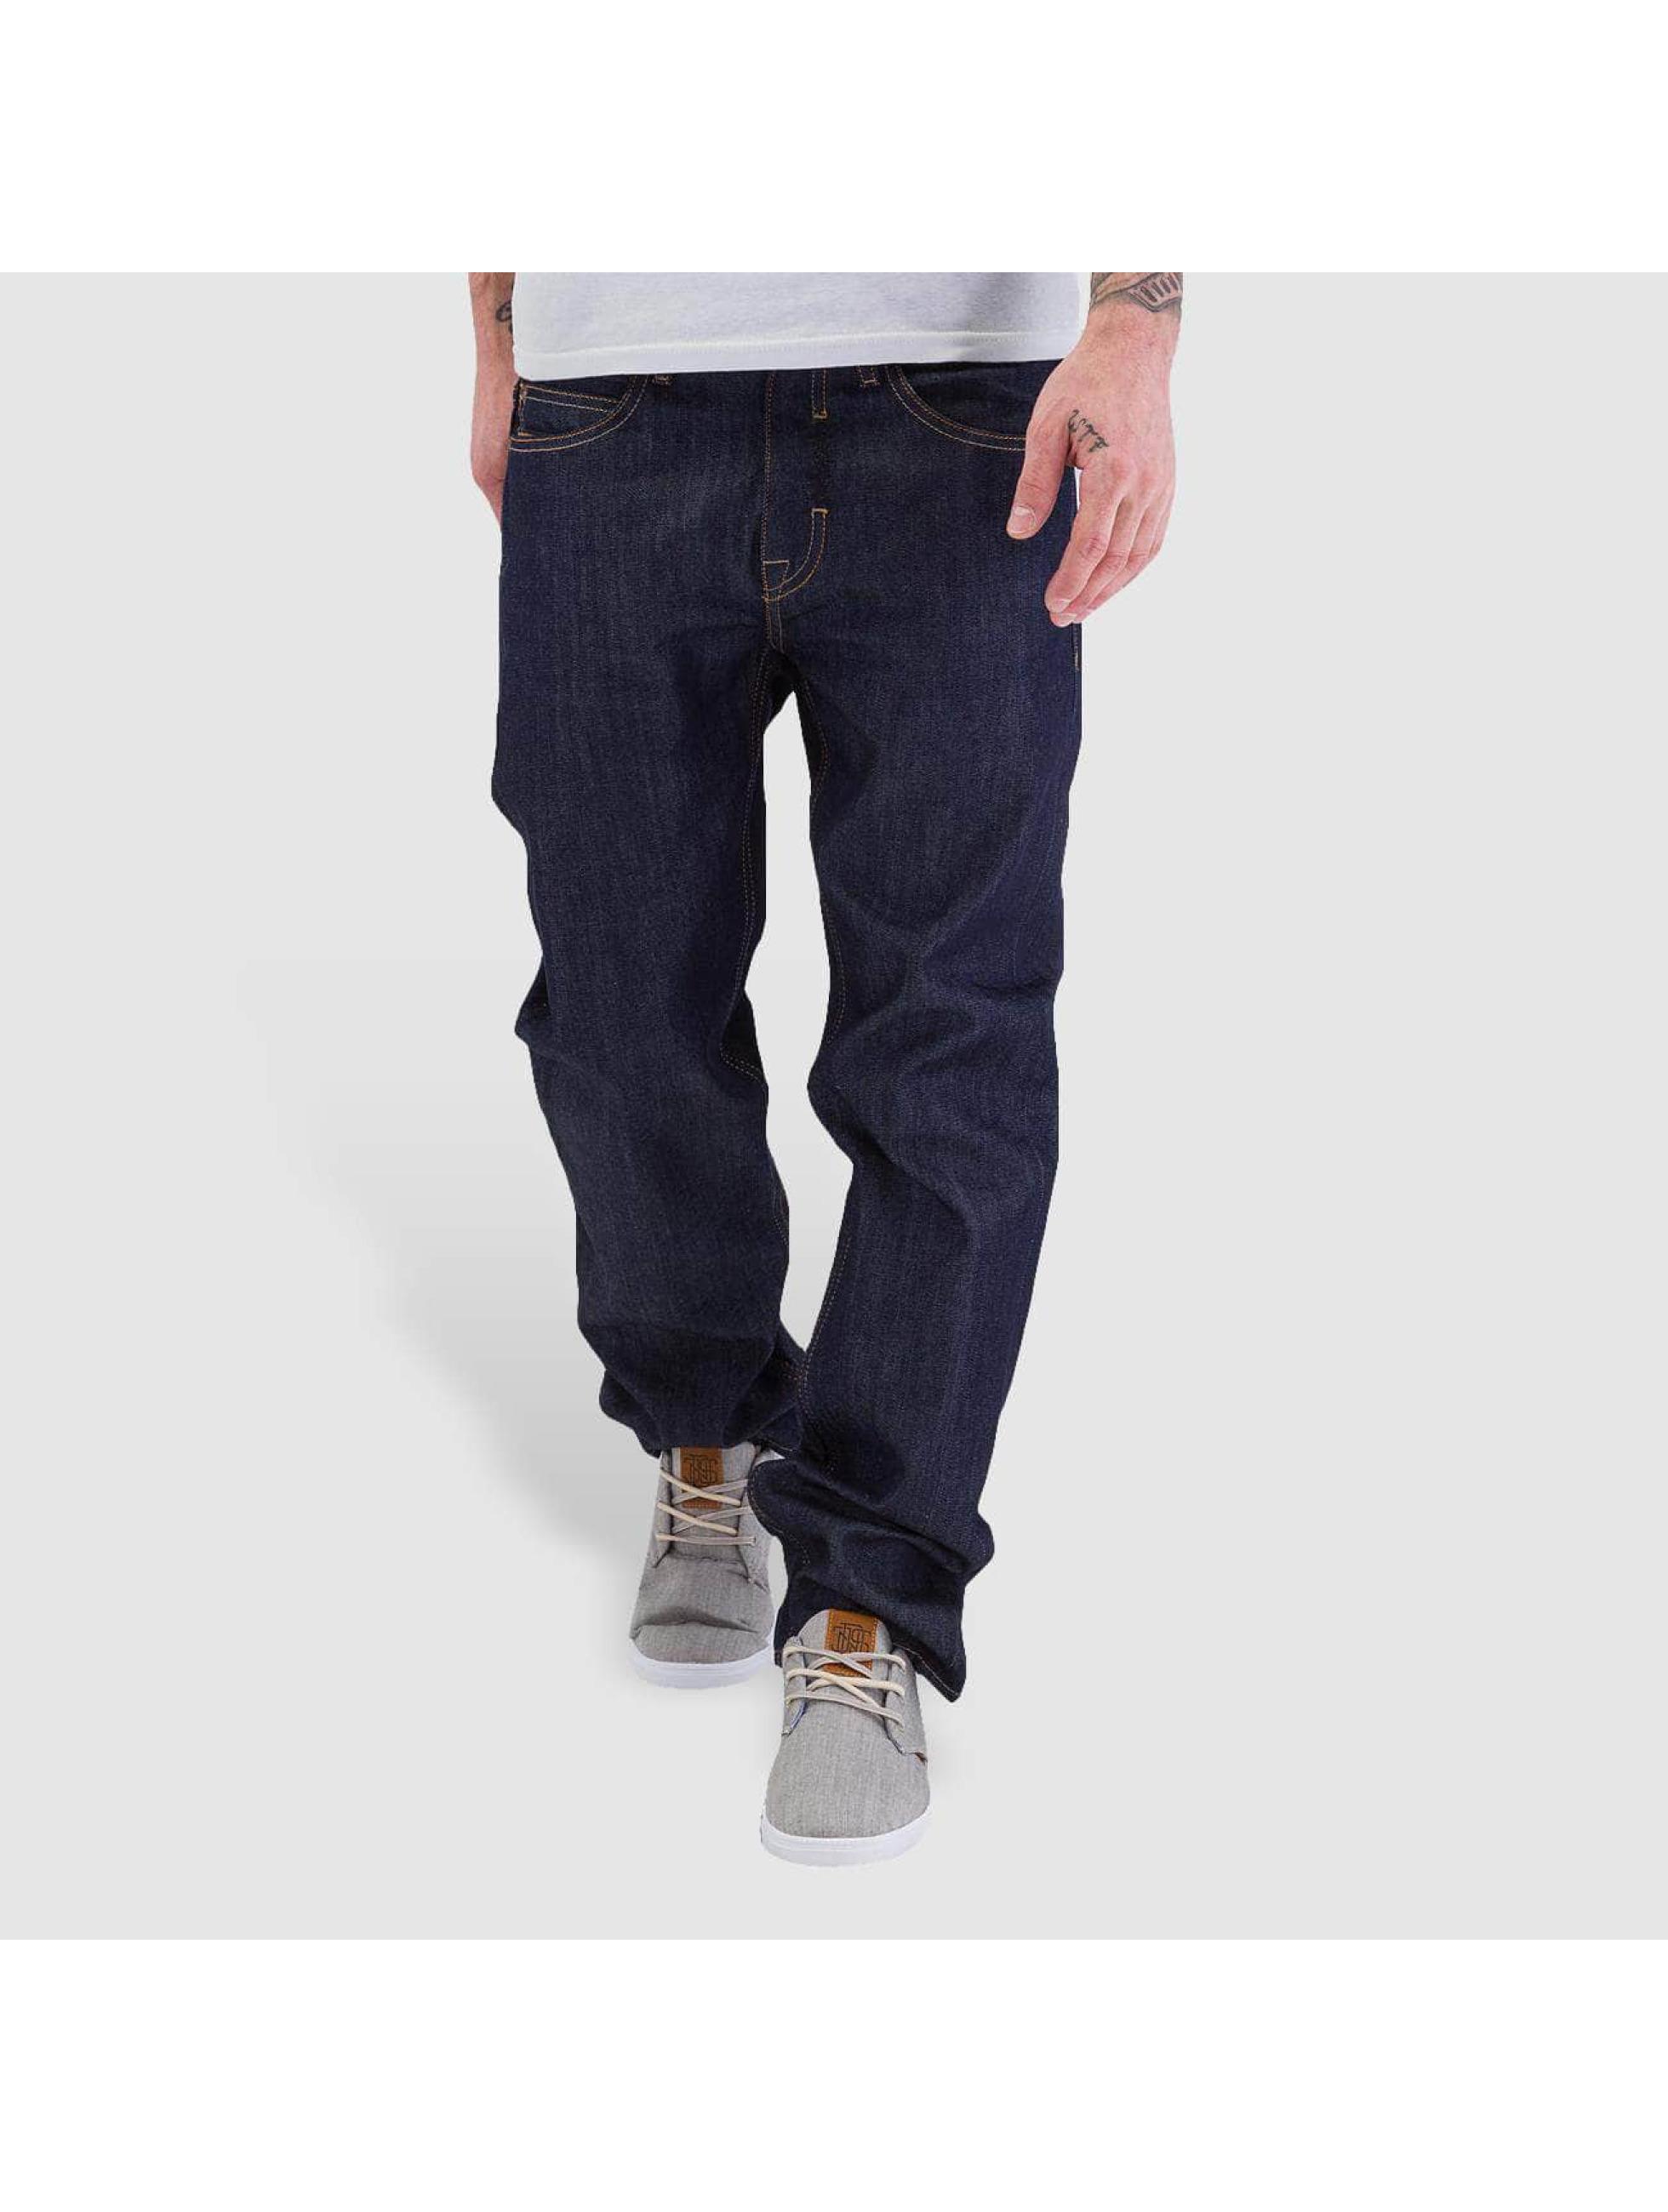 Pelle Pelle Männer Loose Fit Jeans Baxten Demin in indigo